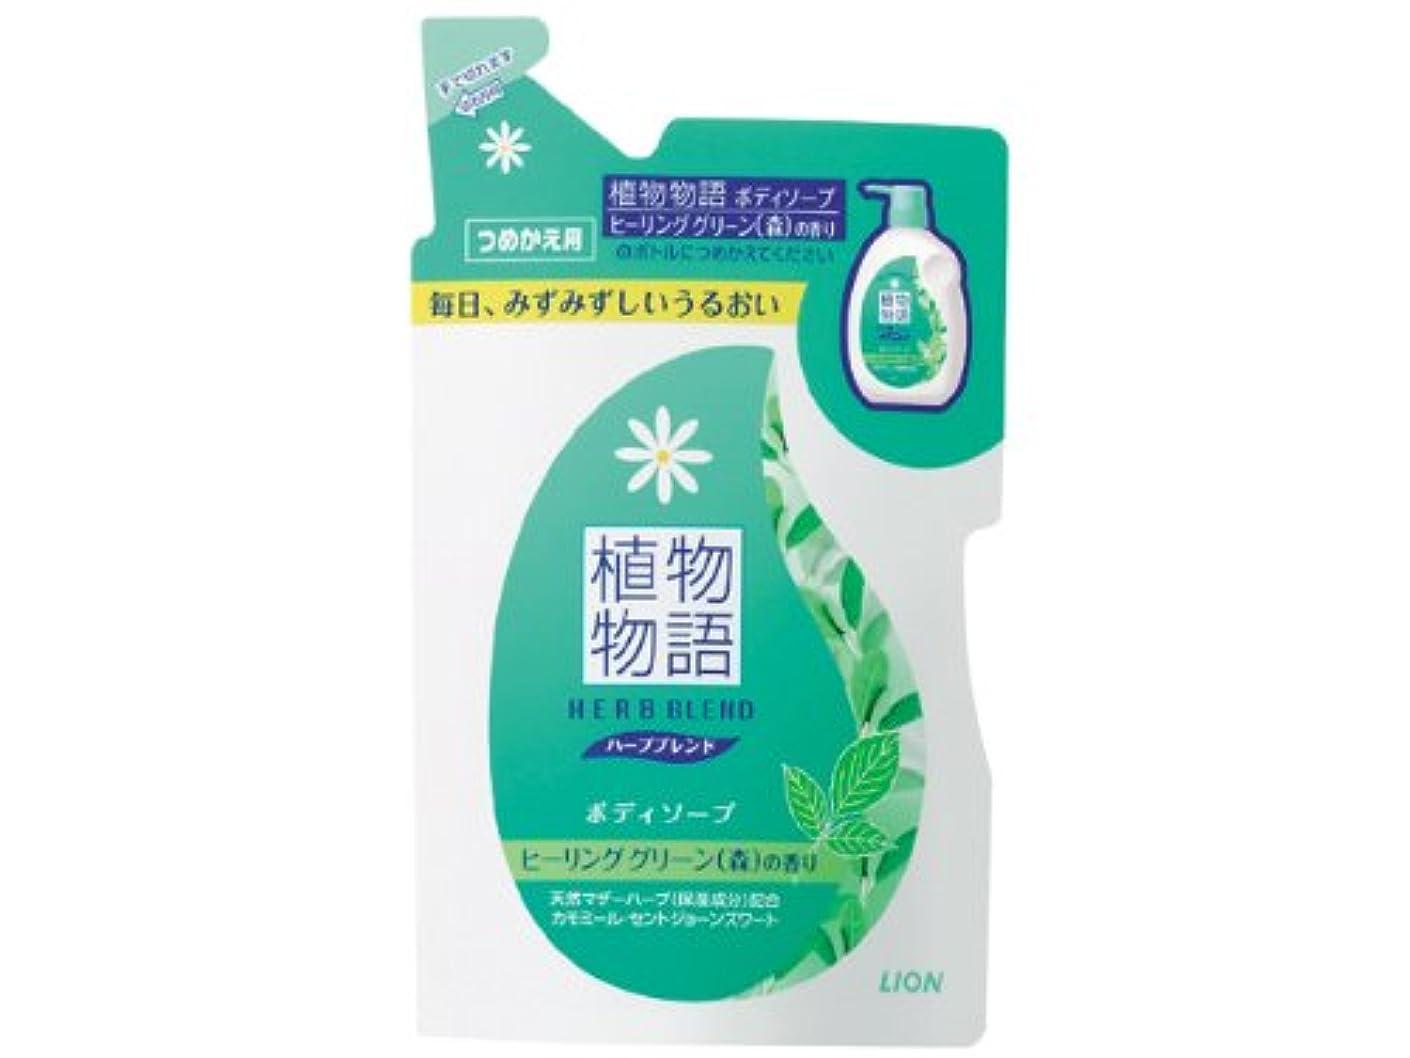 推定する組立アドバイス植物物語 ハーブブレンド ボディソープ ヒーリンググリーン(森)の香り つめかえ用 420ml